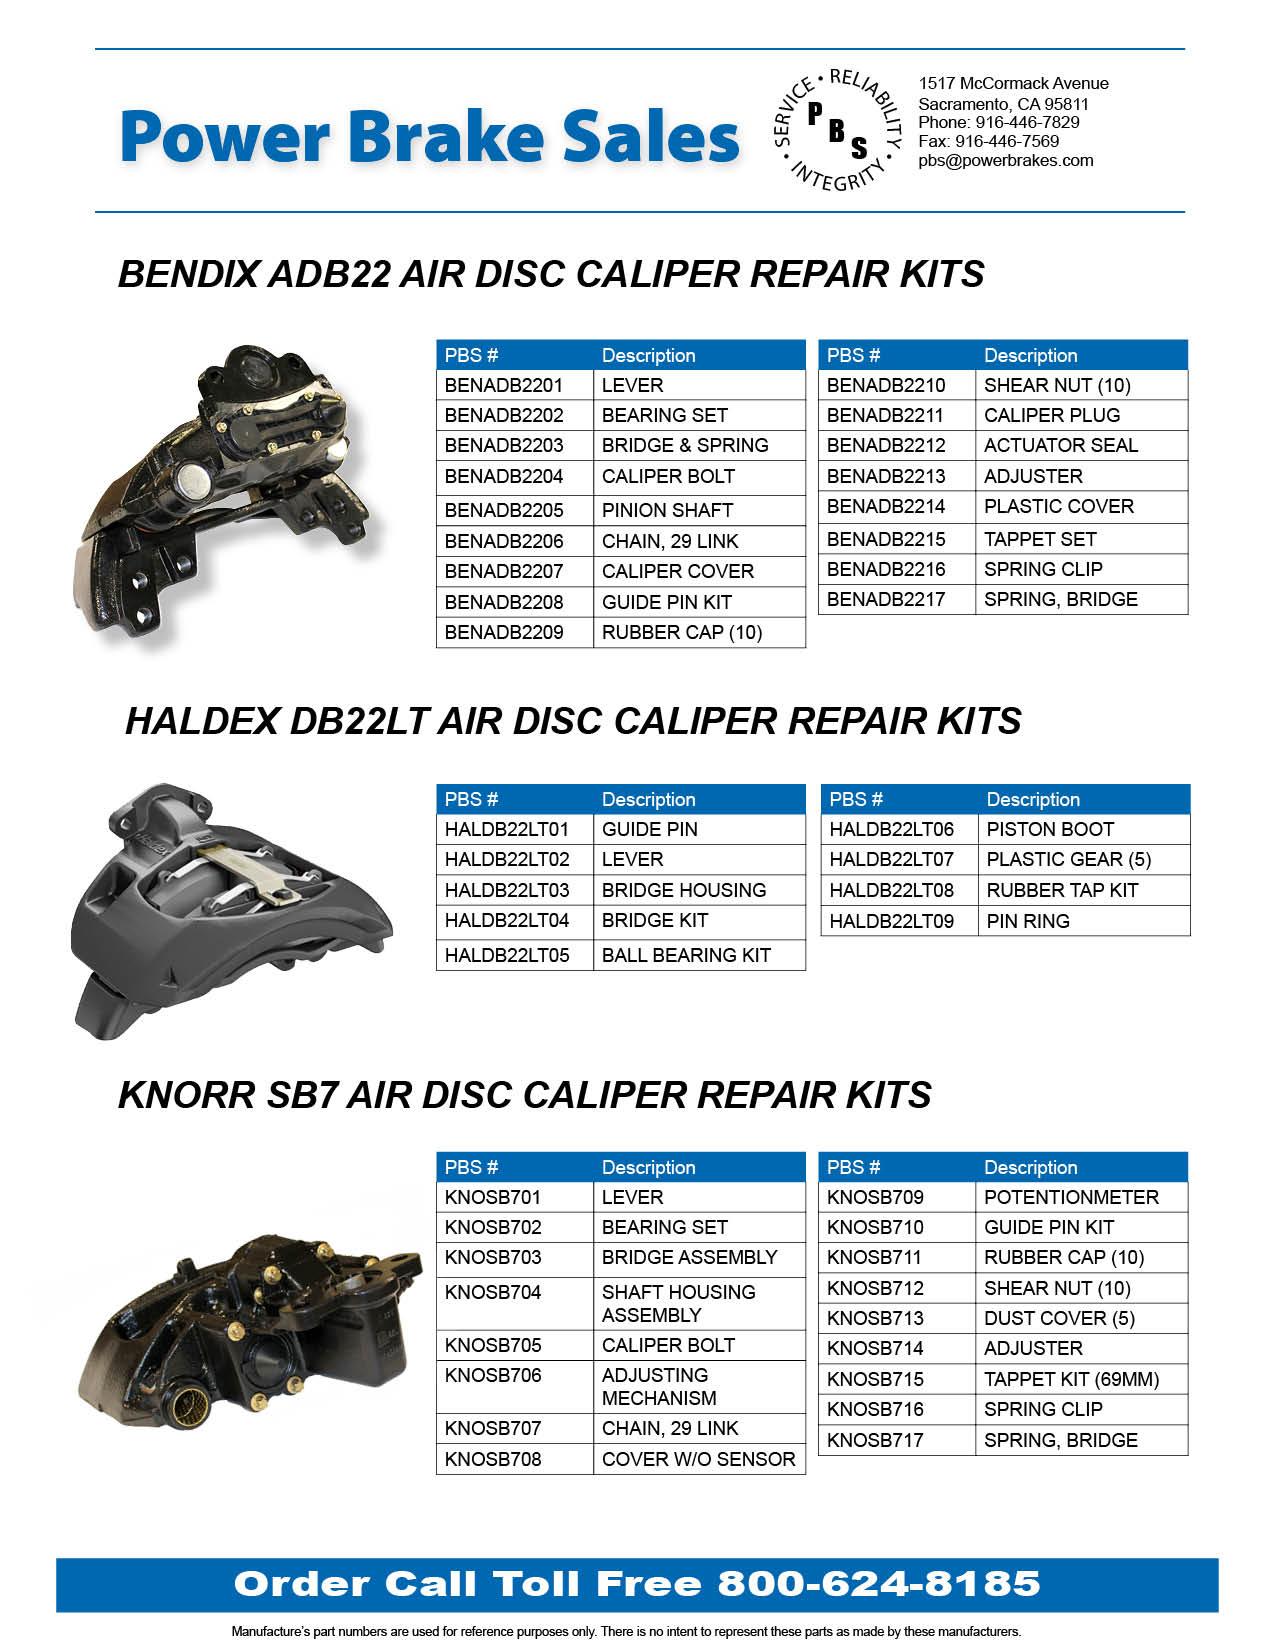 Power Brake Sales Now Stocking Air Disc Caliper Repair Kits